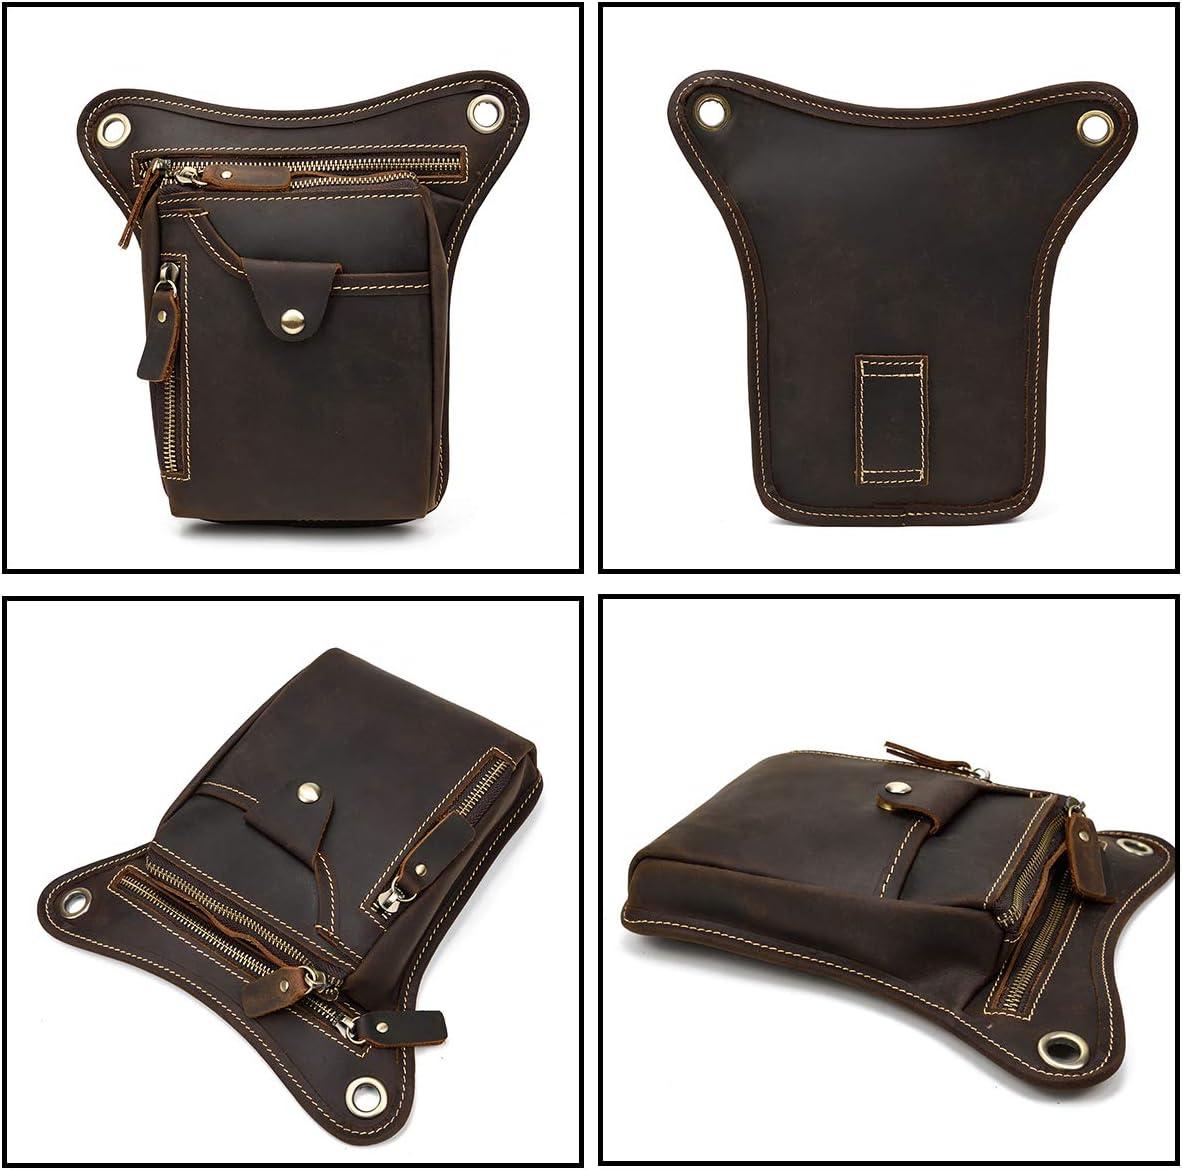 Brown 1 LUUFAN M/änner Echte Leder Multi-Purpose Drop Bein Tasche Motorrad Fahrer Taille Tasche Hip Bum Packung Schultertasche